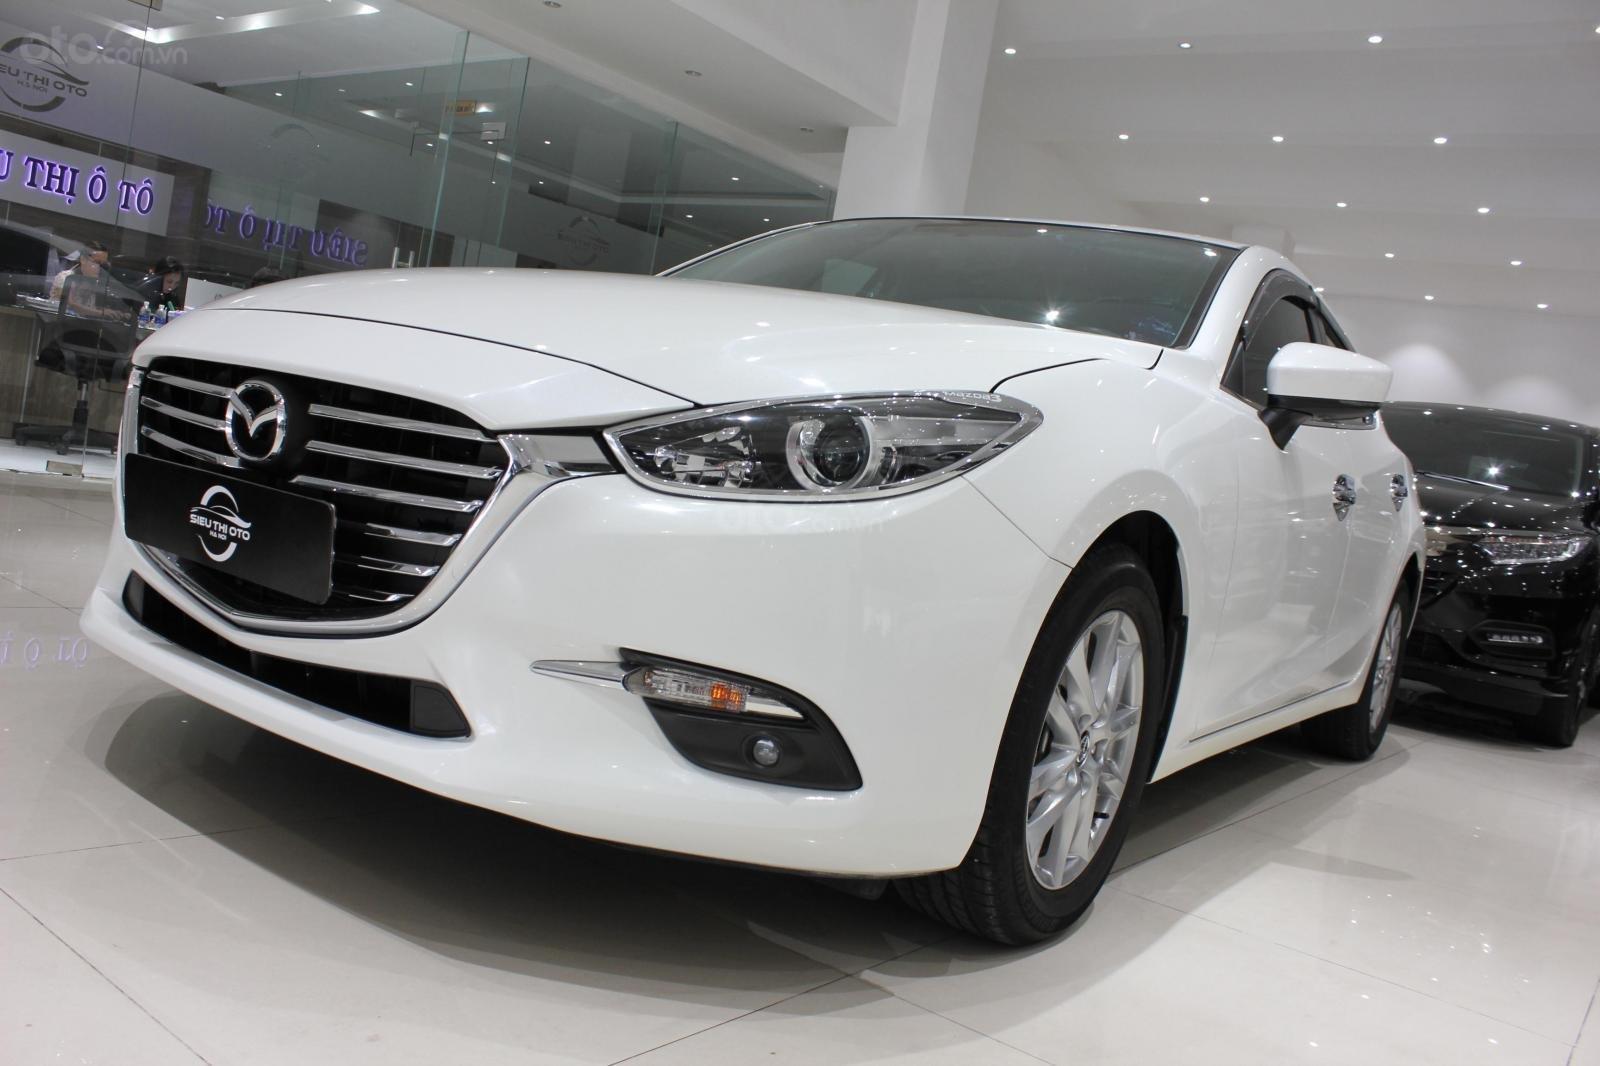 Bán Mazda 3 1.5L sản xuất năm 2017, màu trắng, giá thương lượng, 0347420233 (17)